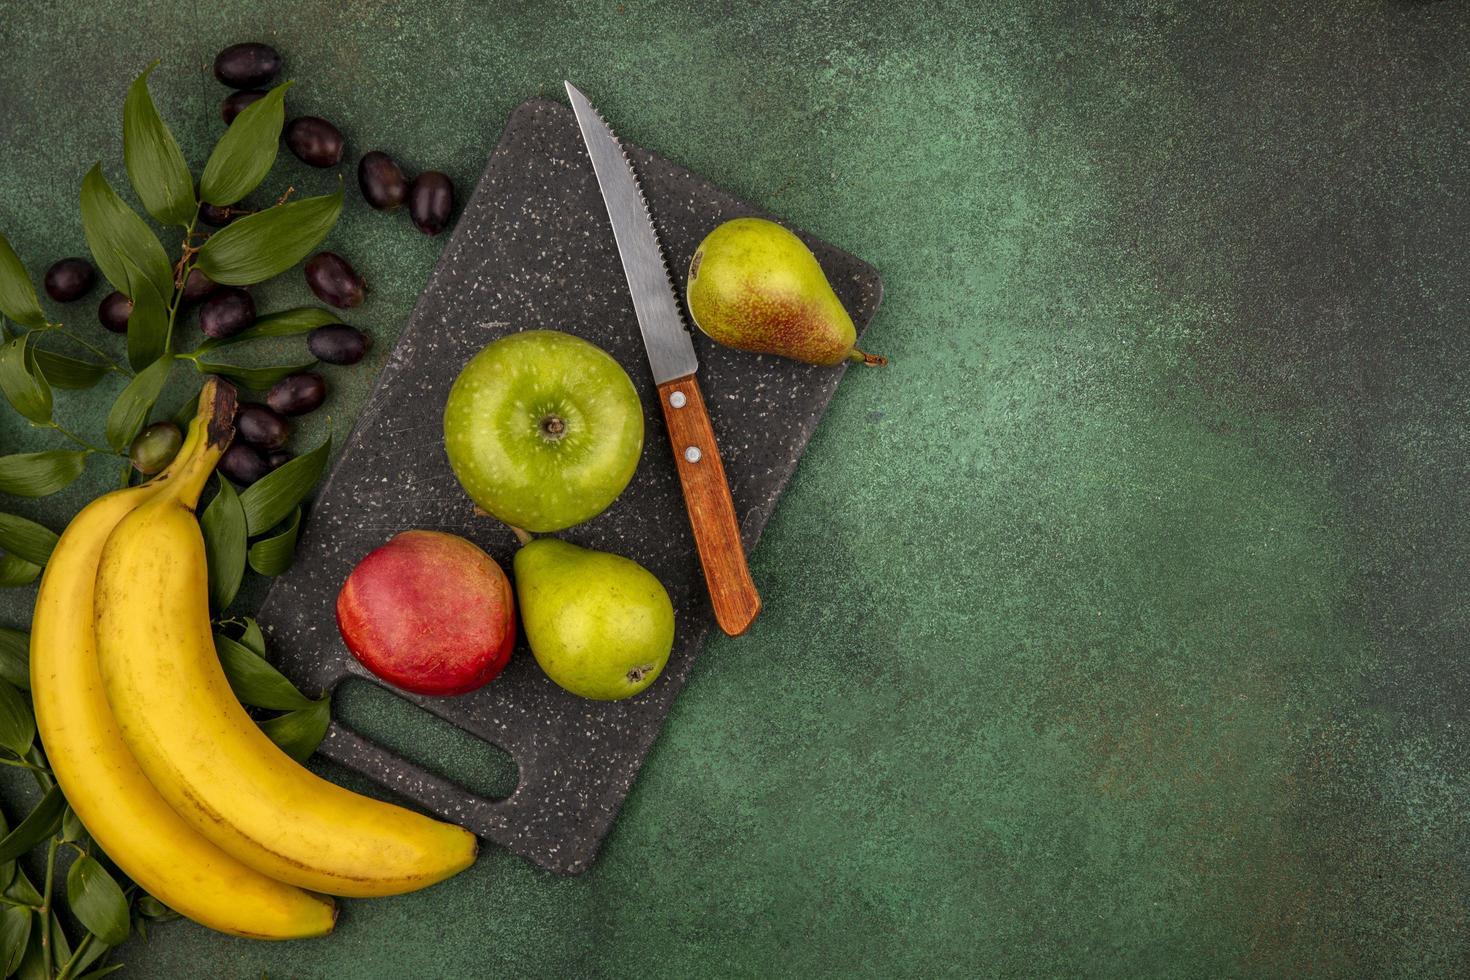 geassorteerde fruit op groene achtergrond foto